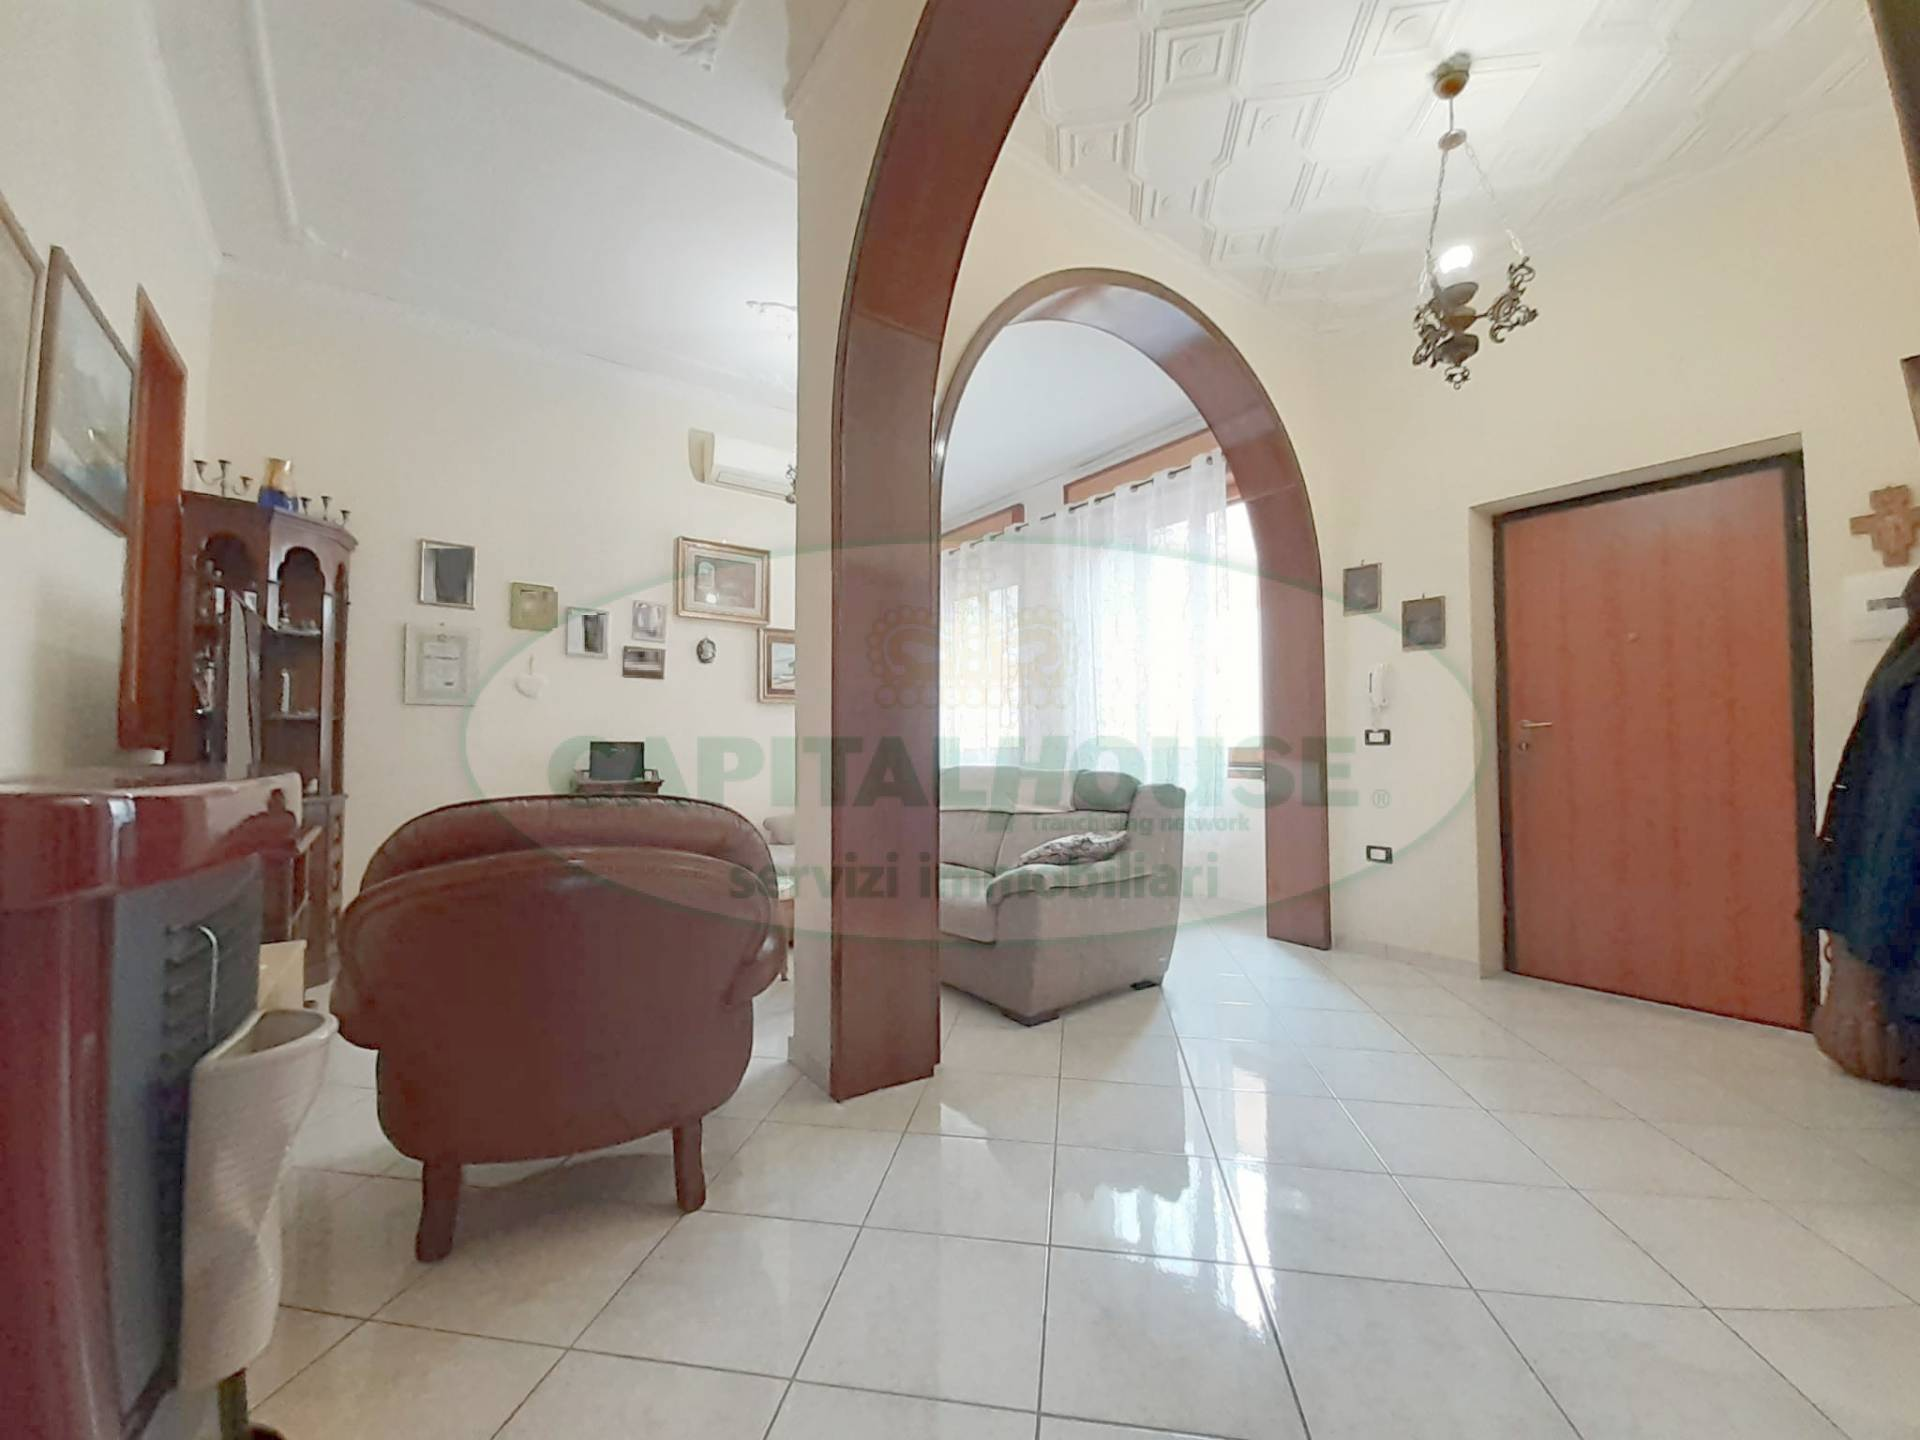 Casa semi-indipendente in vendita a Macerata Campania (CE)